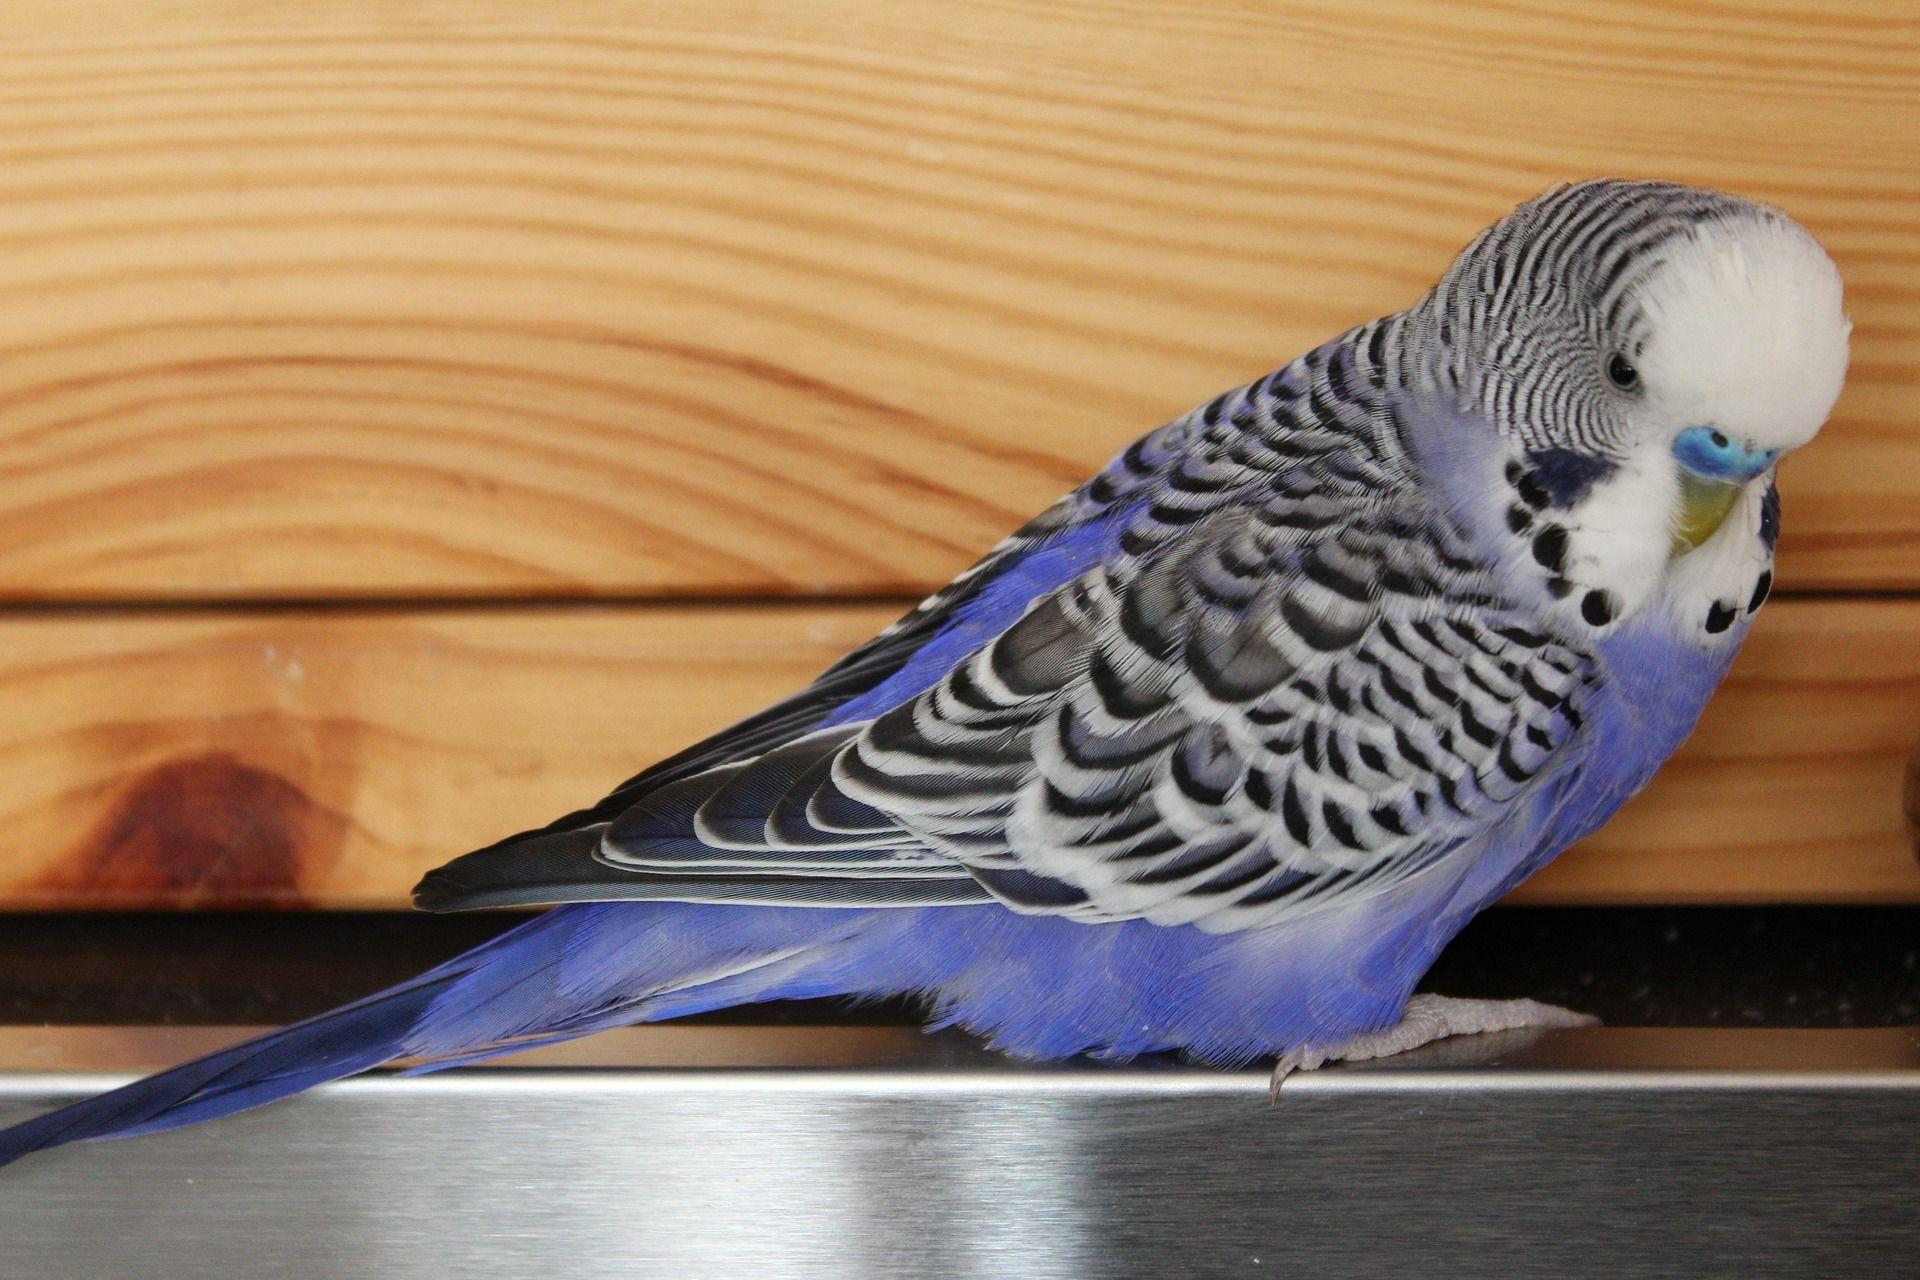 Скачать бесплатно картинку волнистого попугая в хорошем качестве